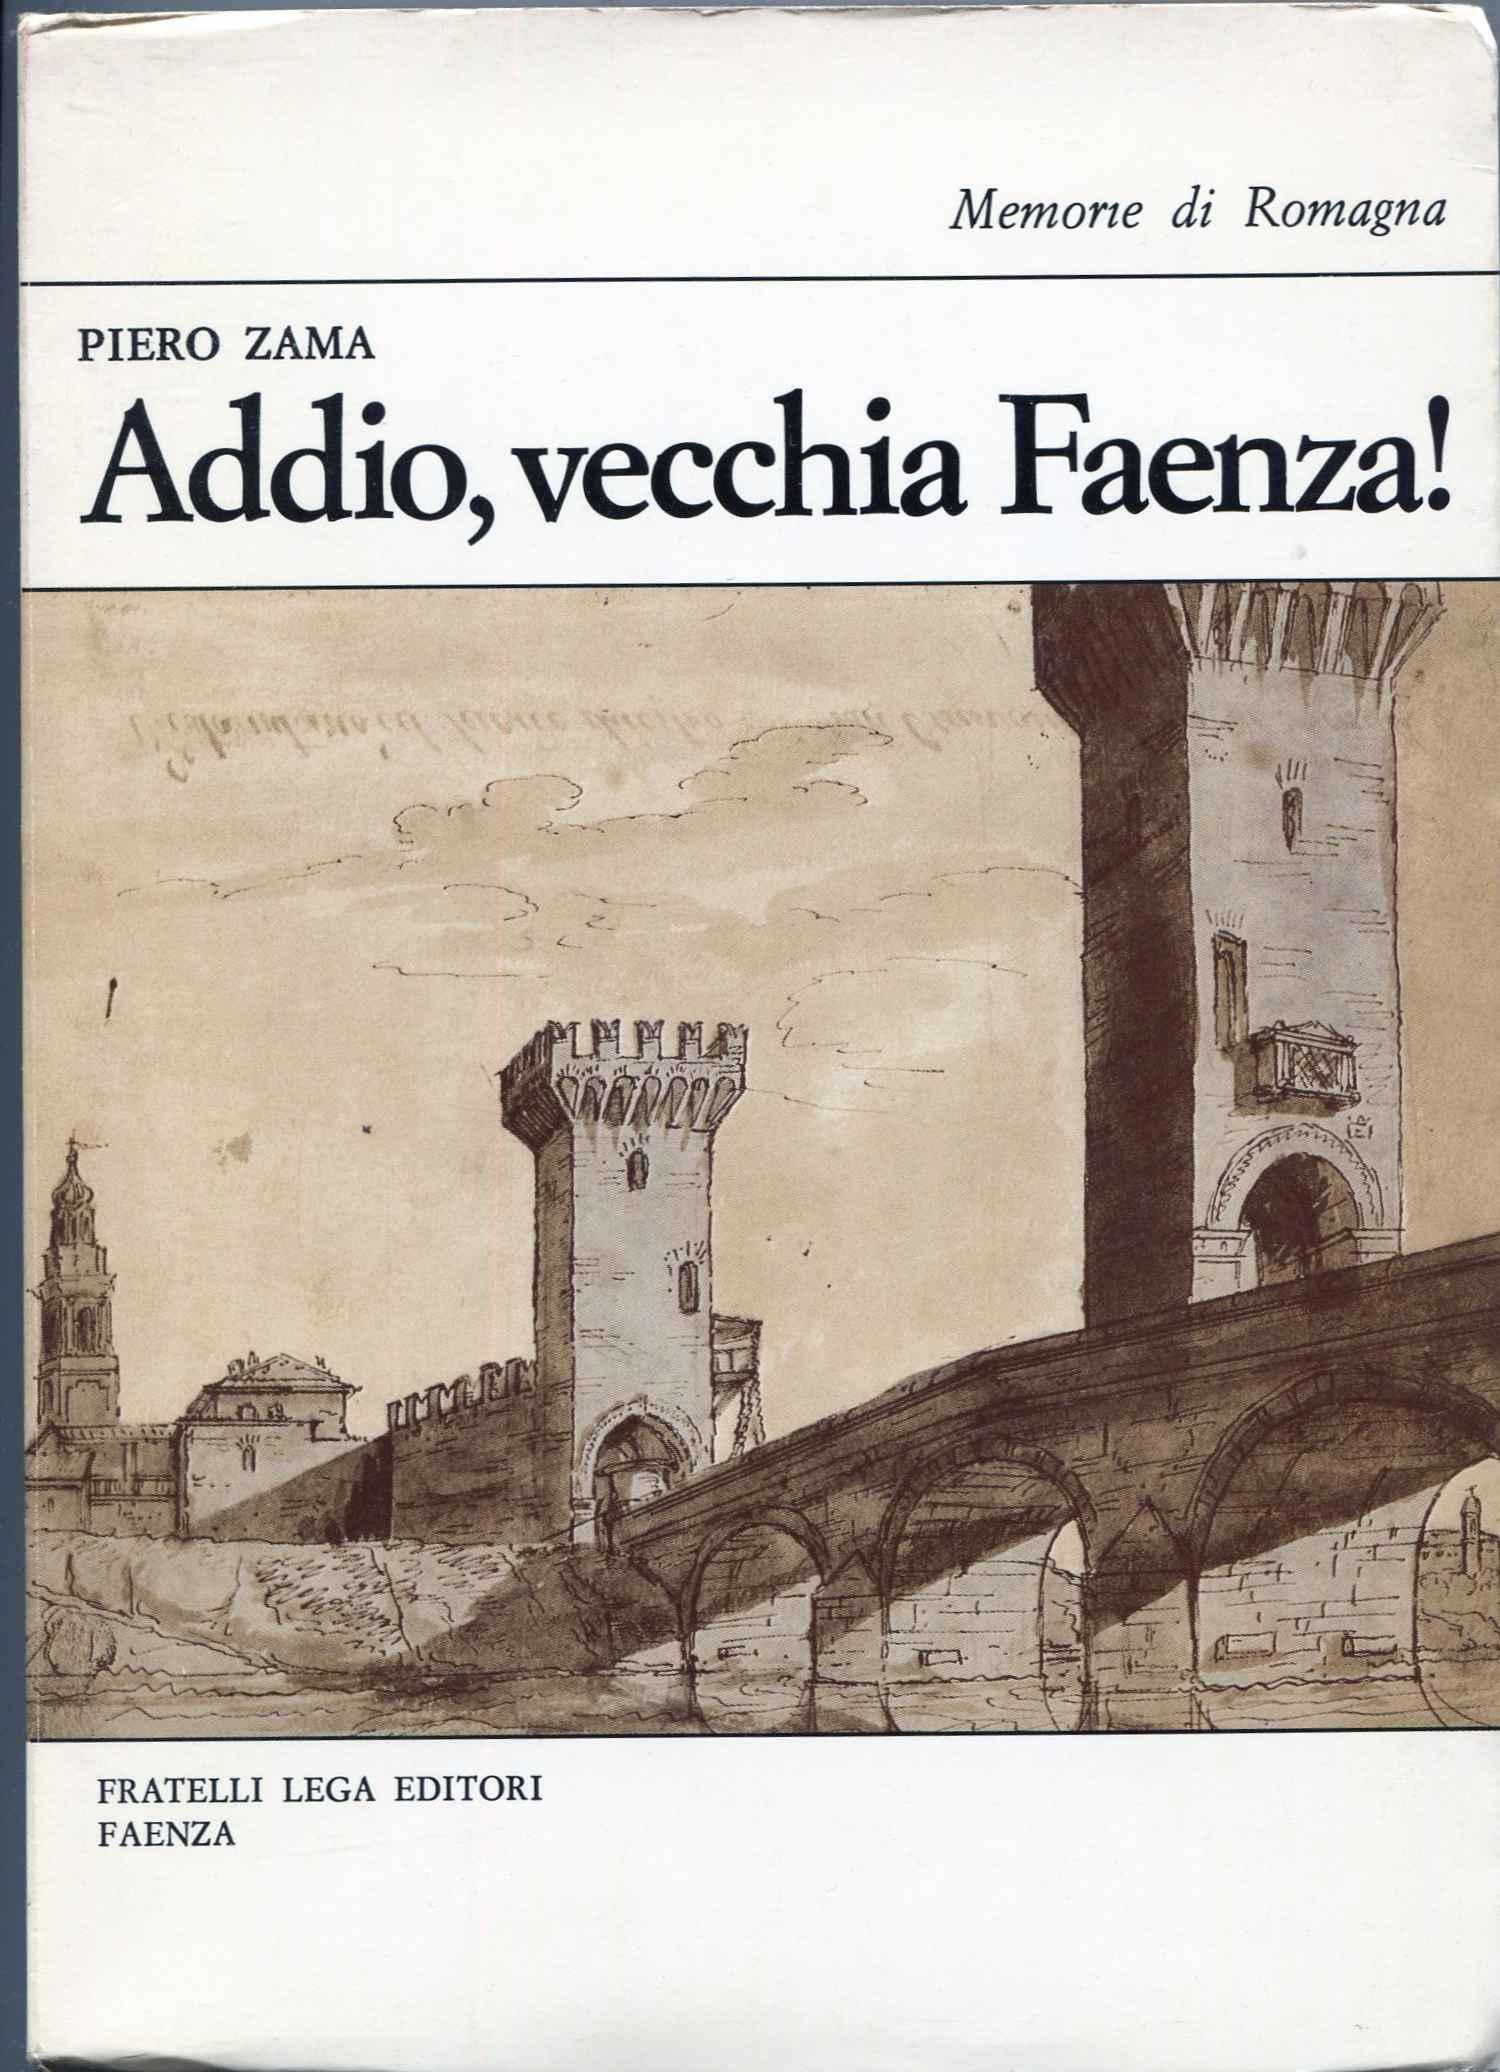 Addio, vecchia Faenza!